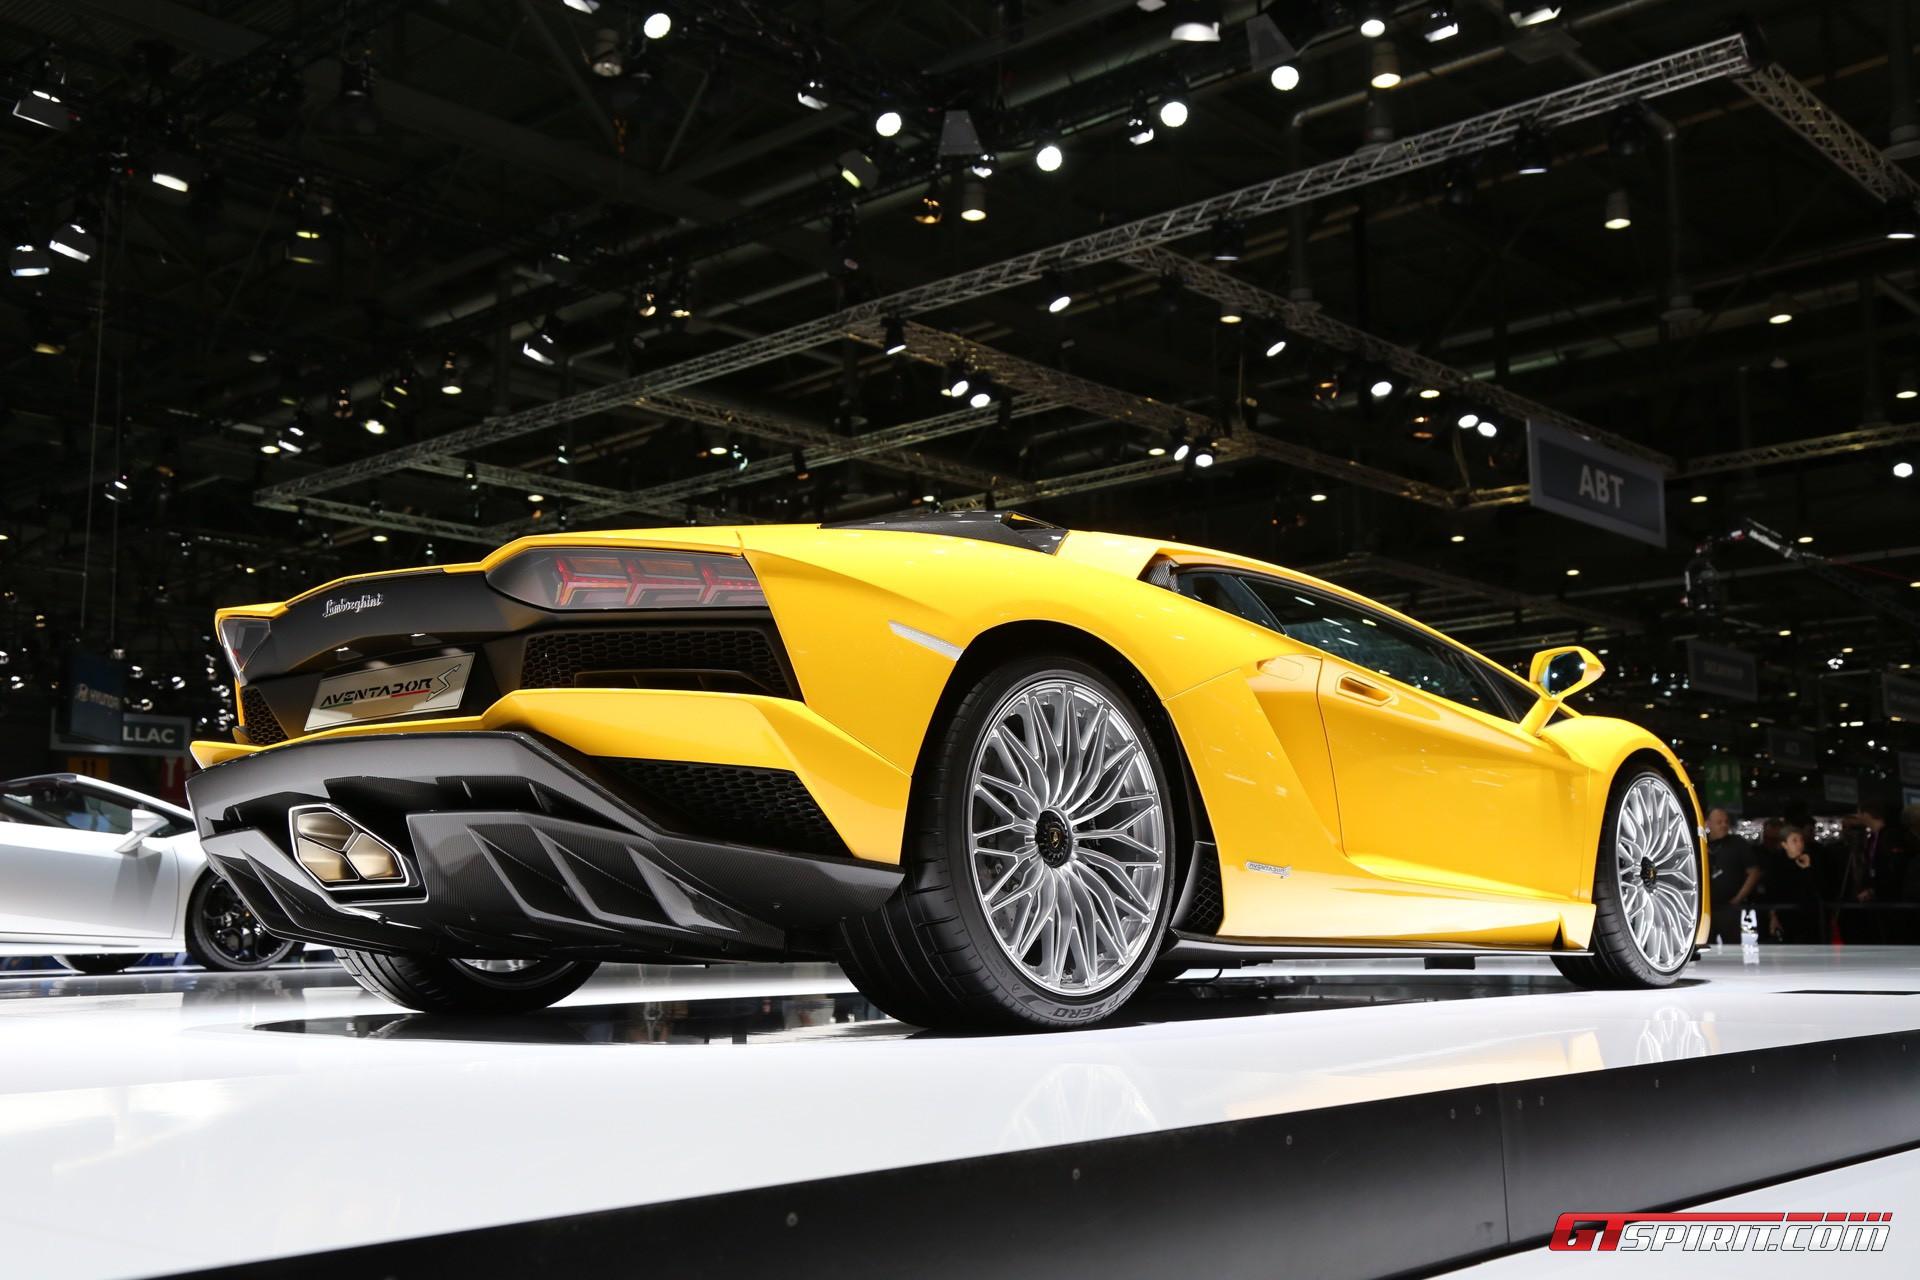 Lamborghini Aventador S at Geneva 2017